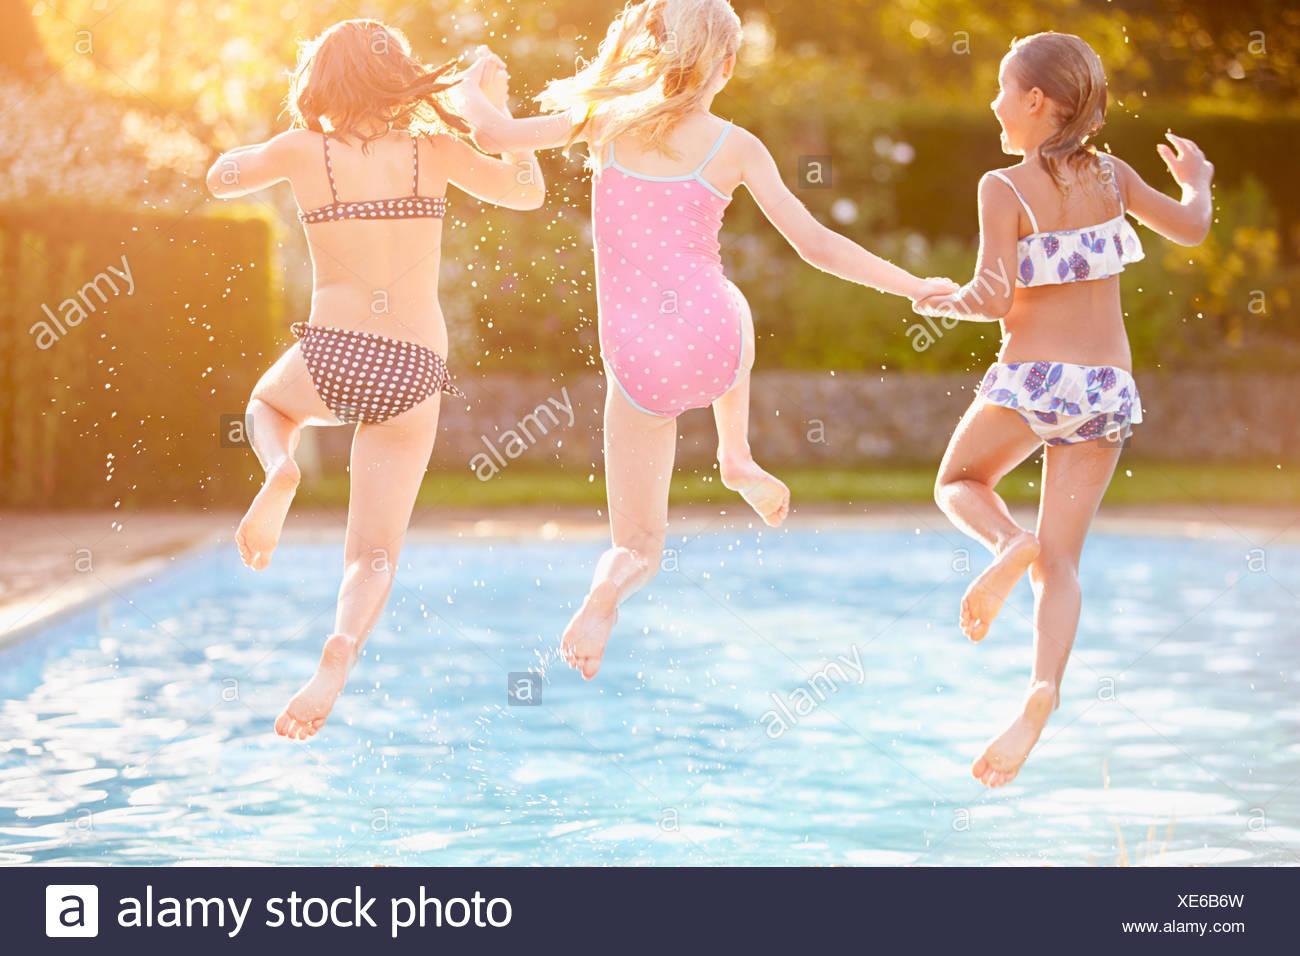 Groupe de jeunes filles, jouant dans une piscine extérieure Photo Stock